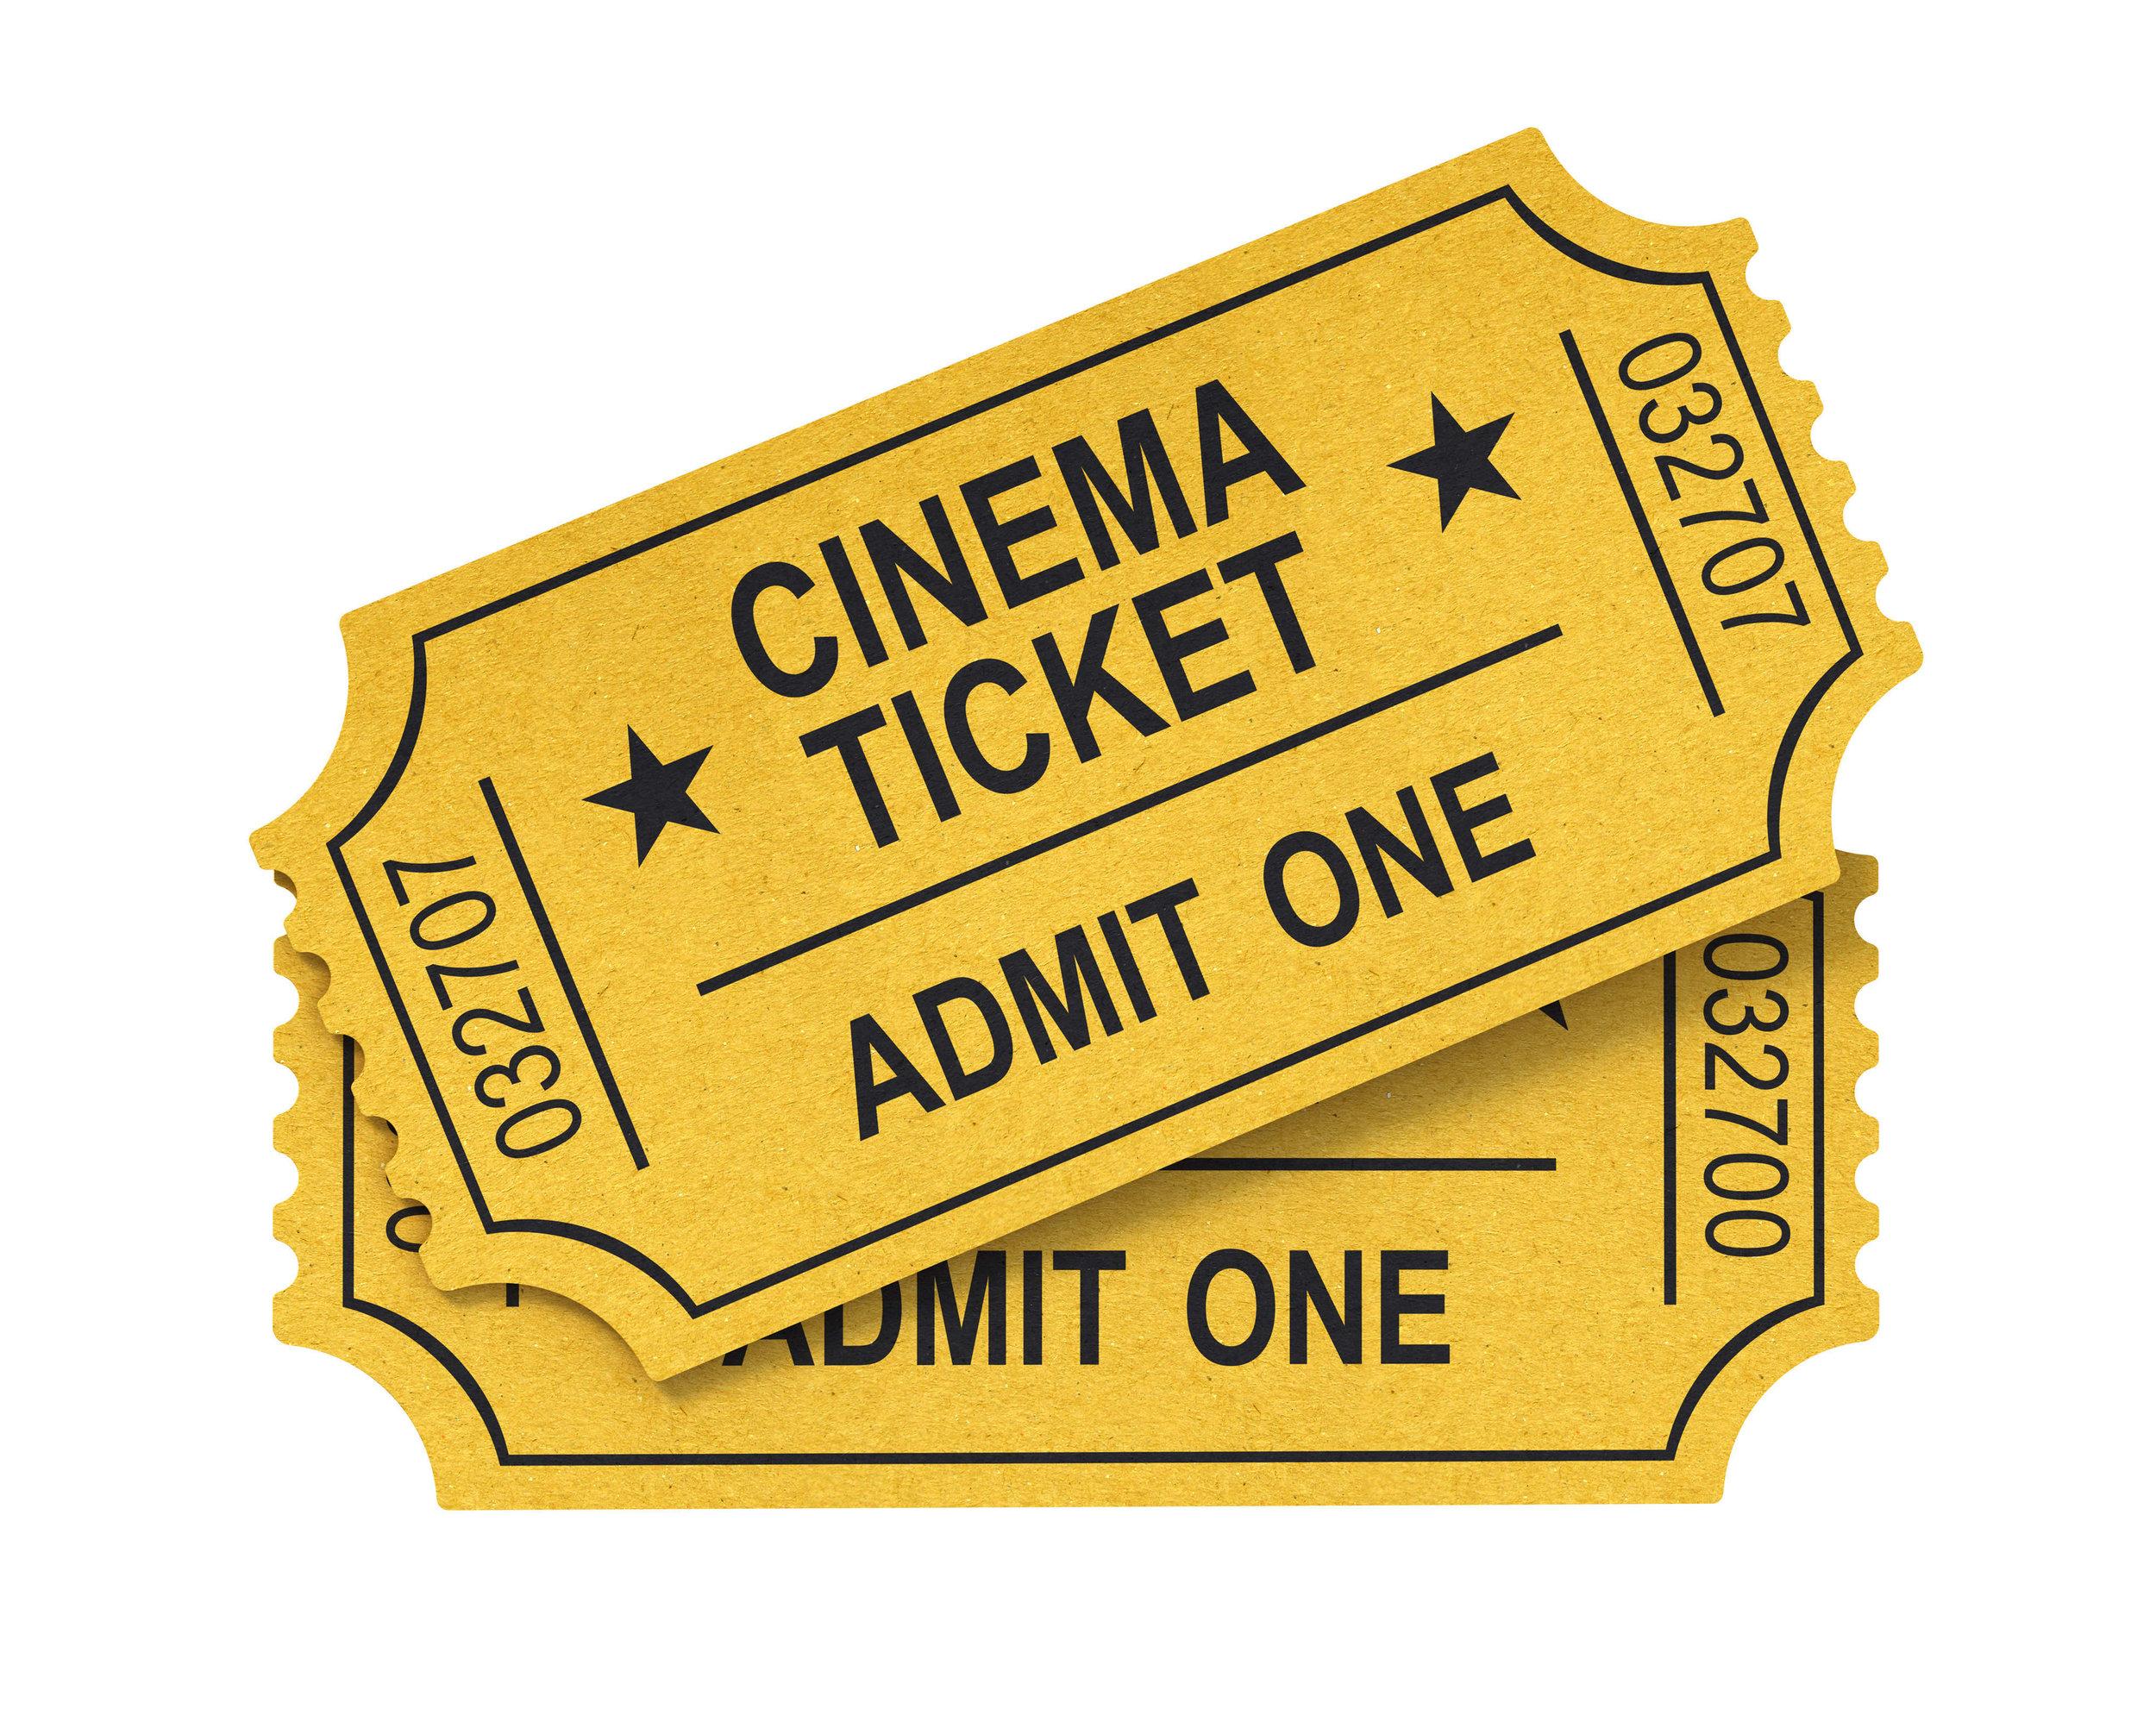 51ba091dfad441785ff69b6a220661cf_movie-tickets-clipart-141585-cinema-ticket-clipart_4000-3218.jpeg